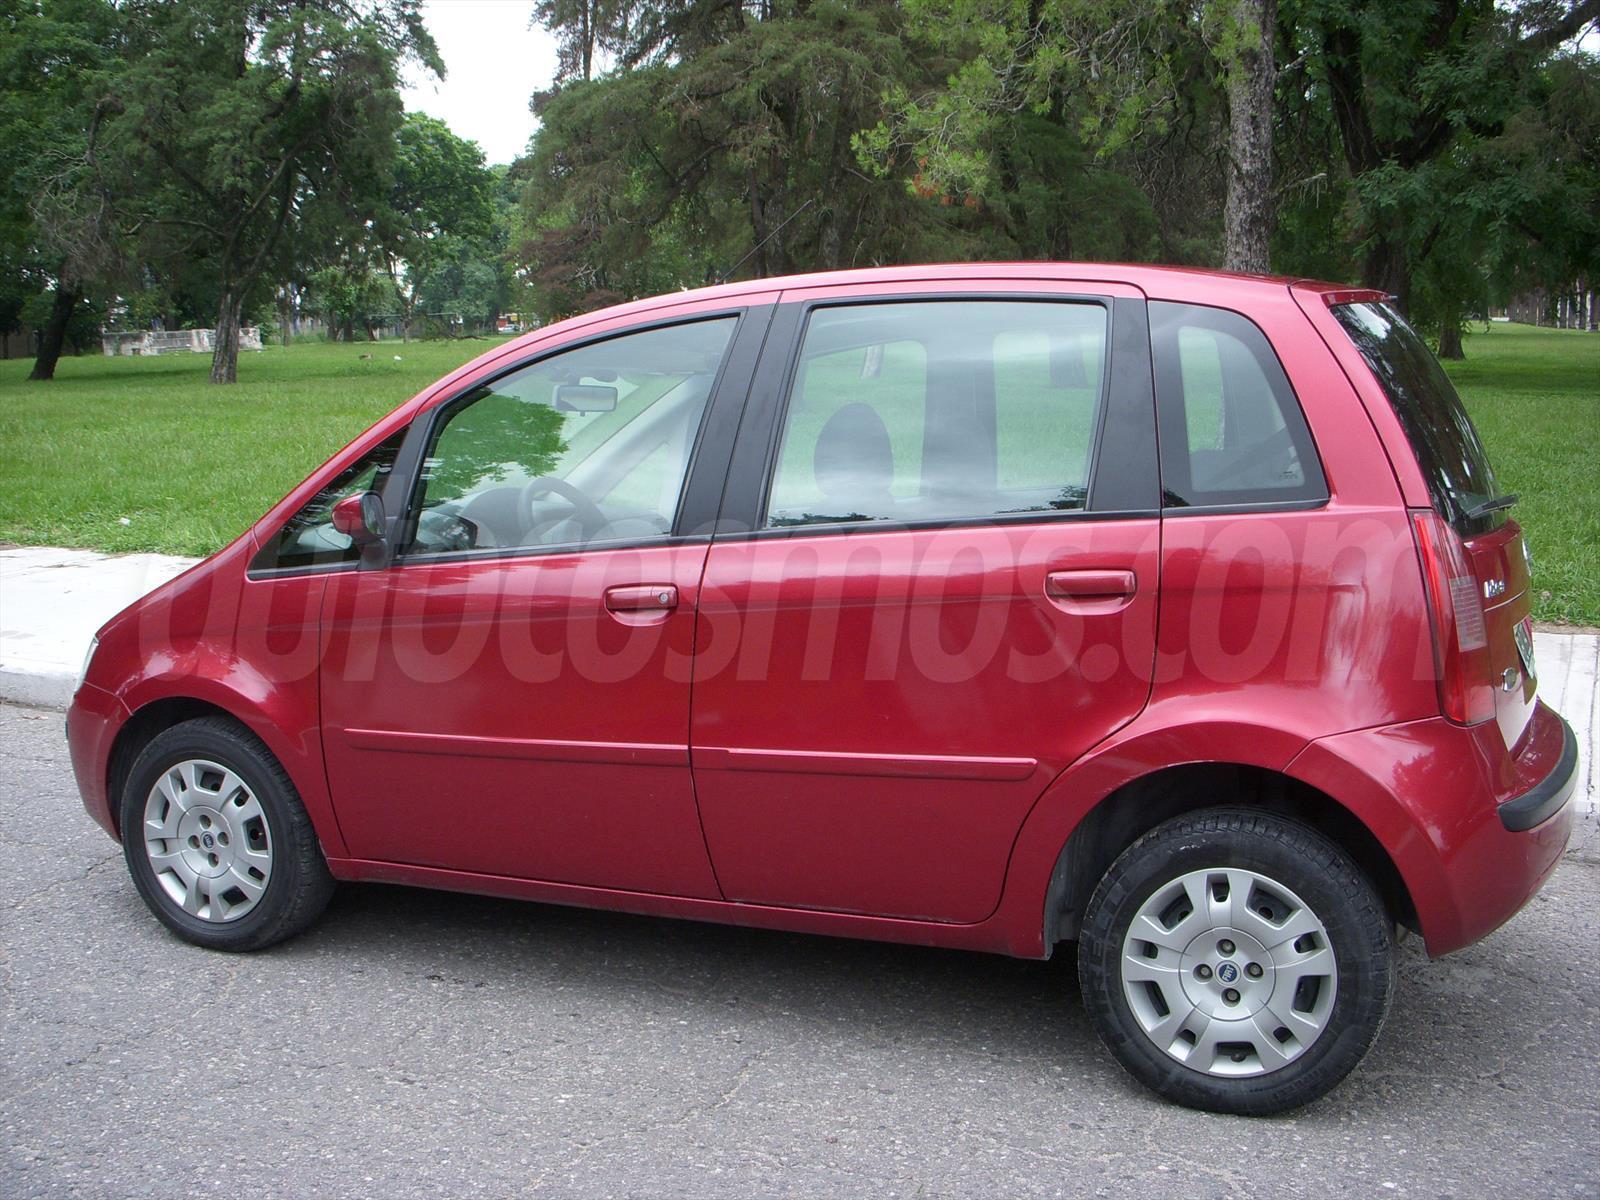 Venta autos usado tucuman fiat idea 1 8 hlx for Fiat idea 1 8 hlx 2006 ficha tecnica